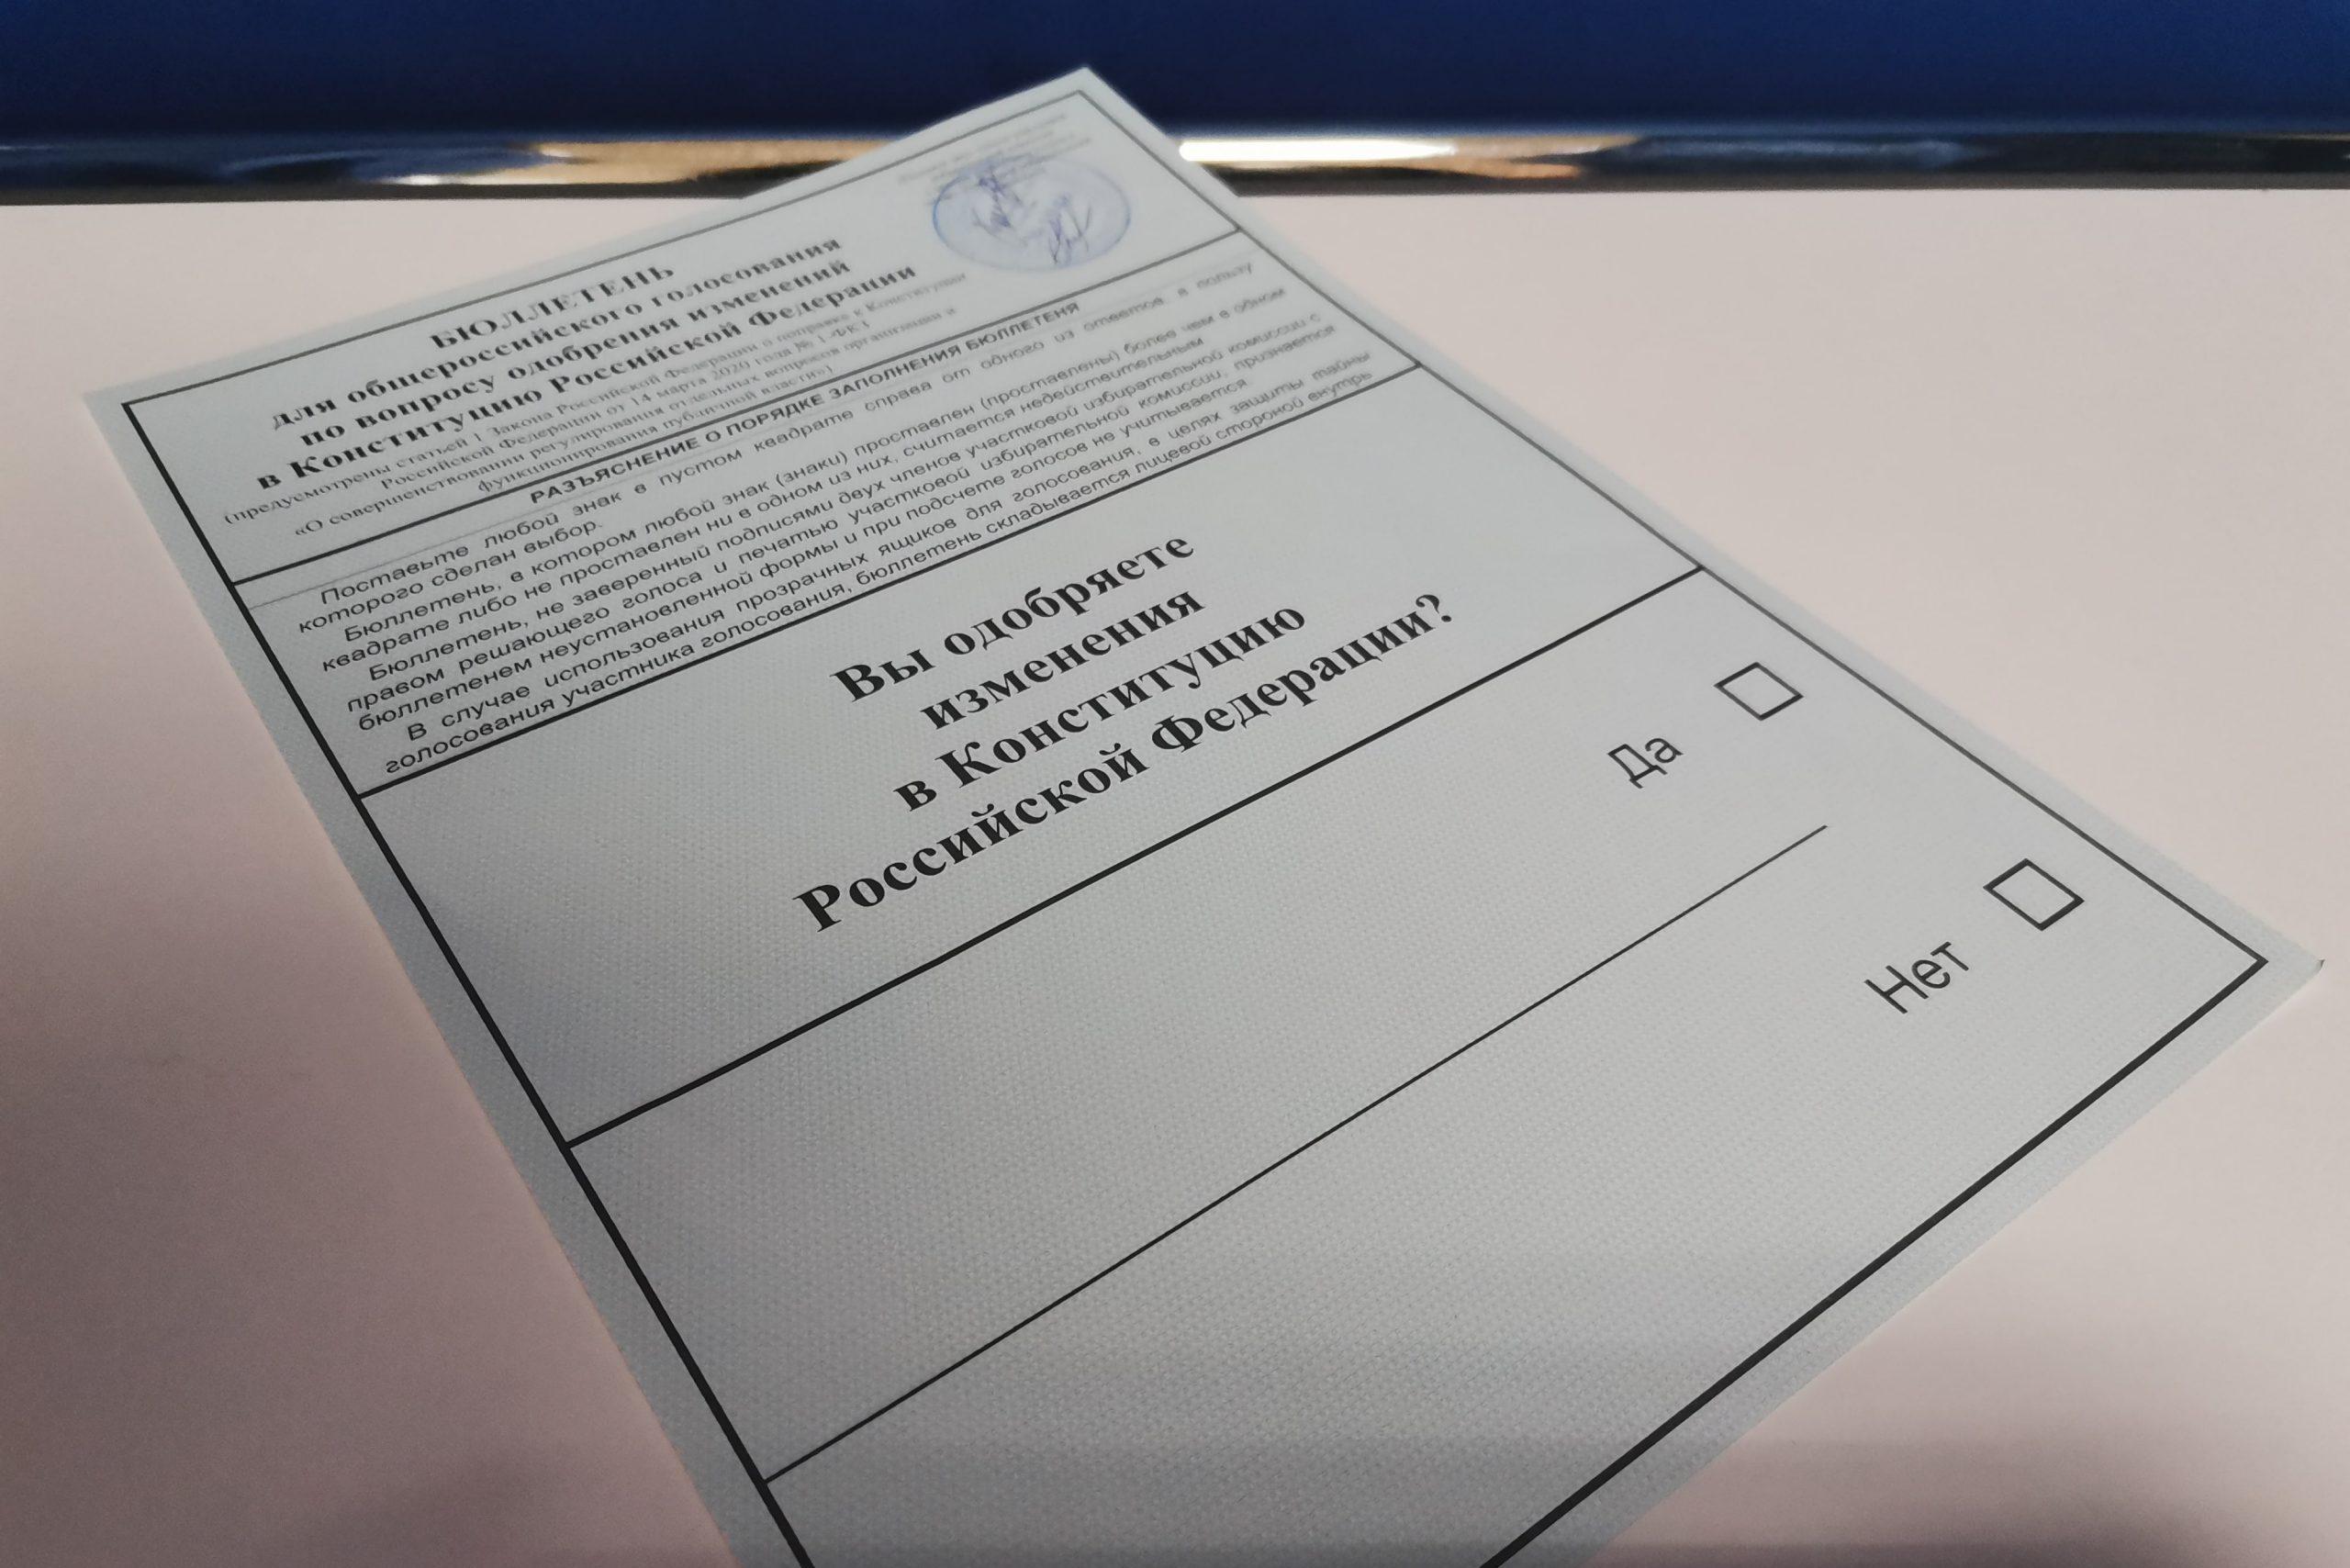 голосование по поправкам к Конституции 2020 бюллетень